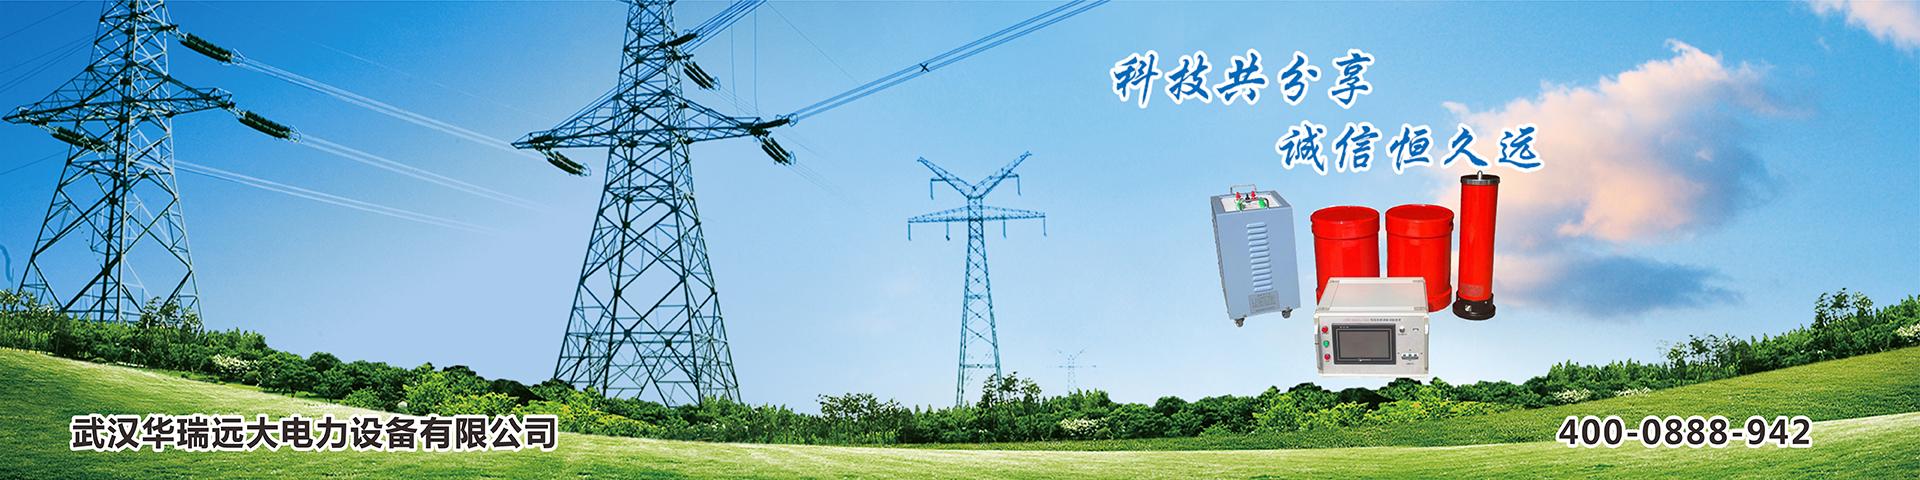 武汉华瑞远大电力设备有限公司